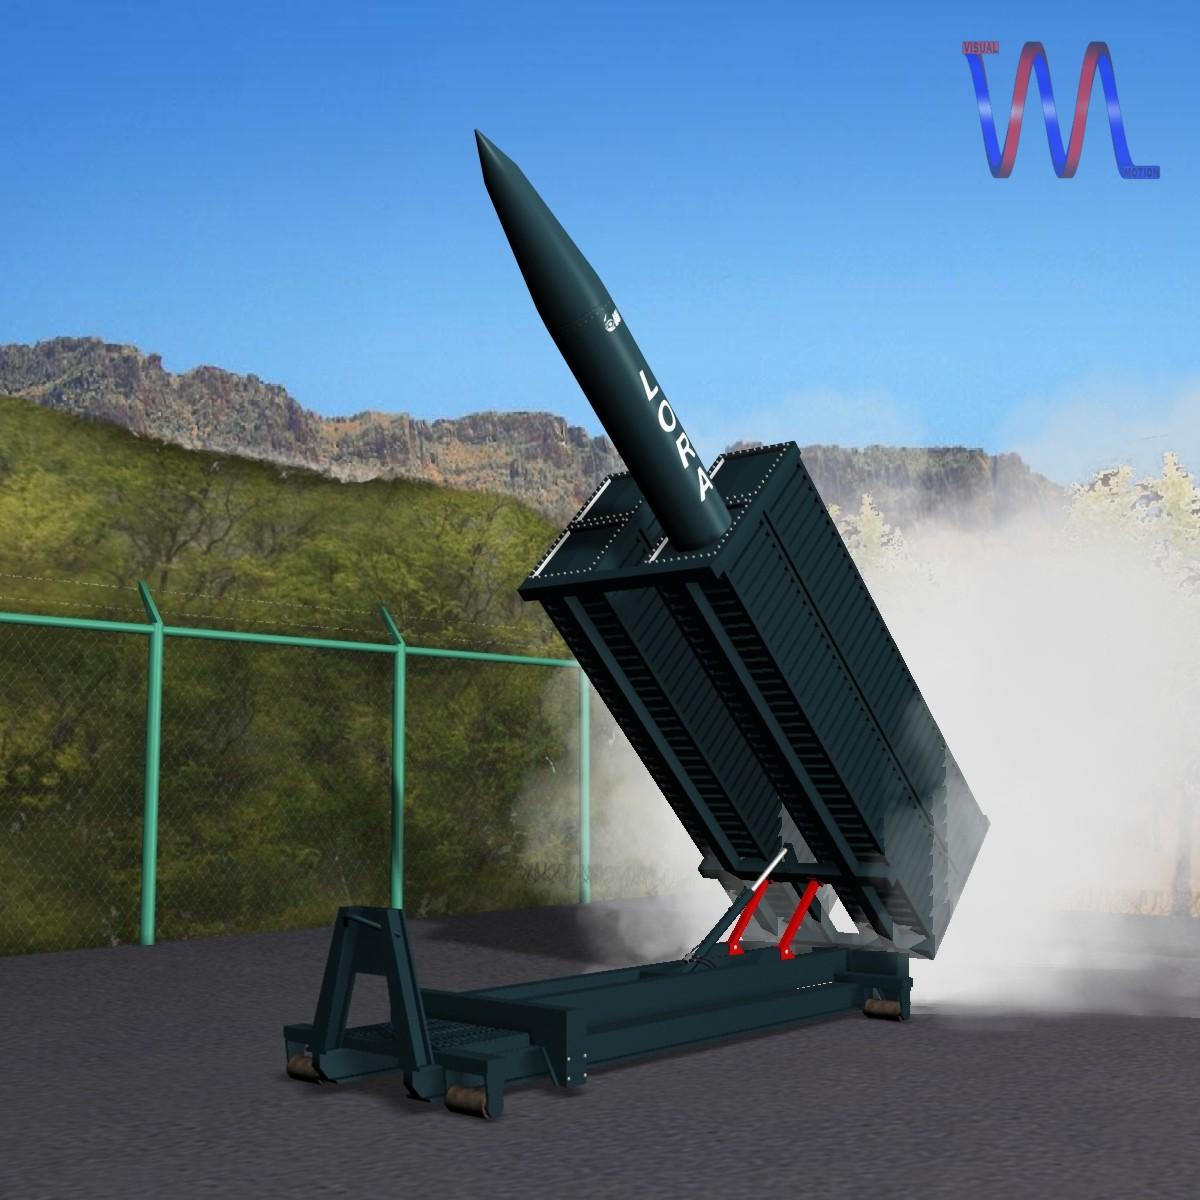 lora raķešu palaišanas ierīce 3d modelis 3ds dxf fbx blend cob dae x obj 217689